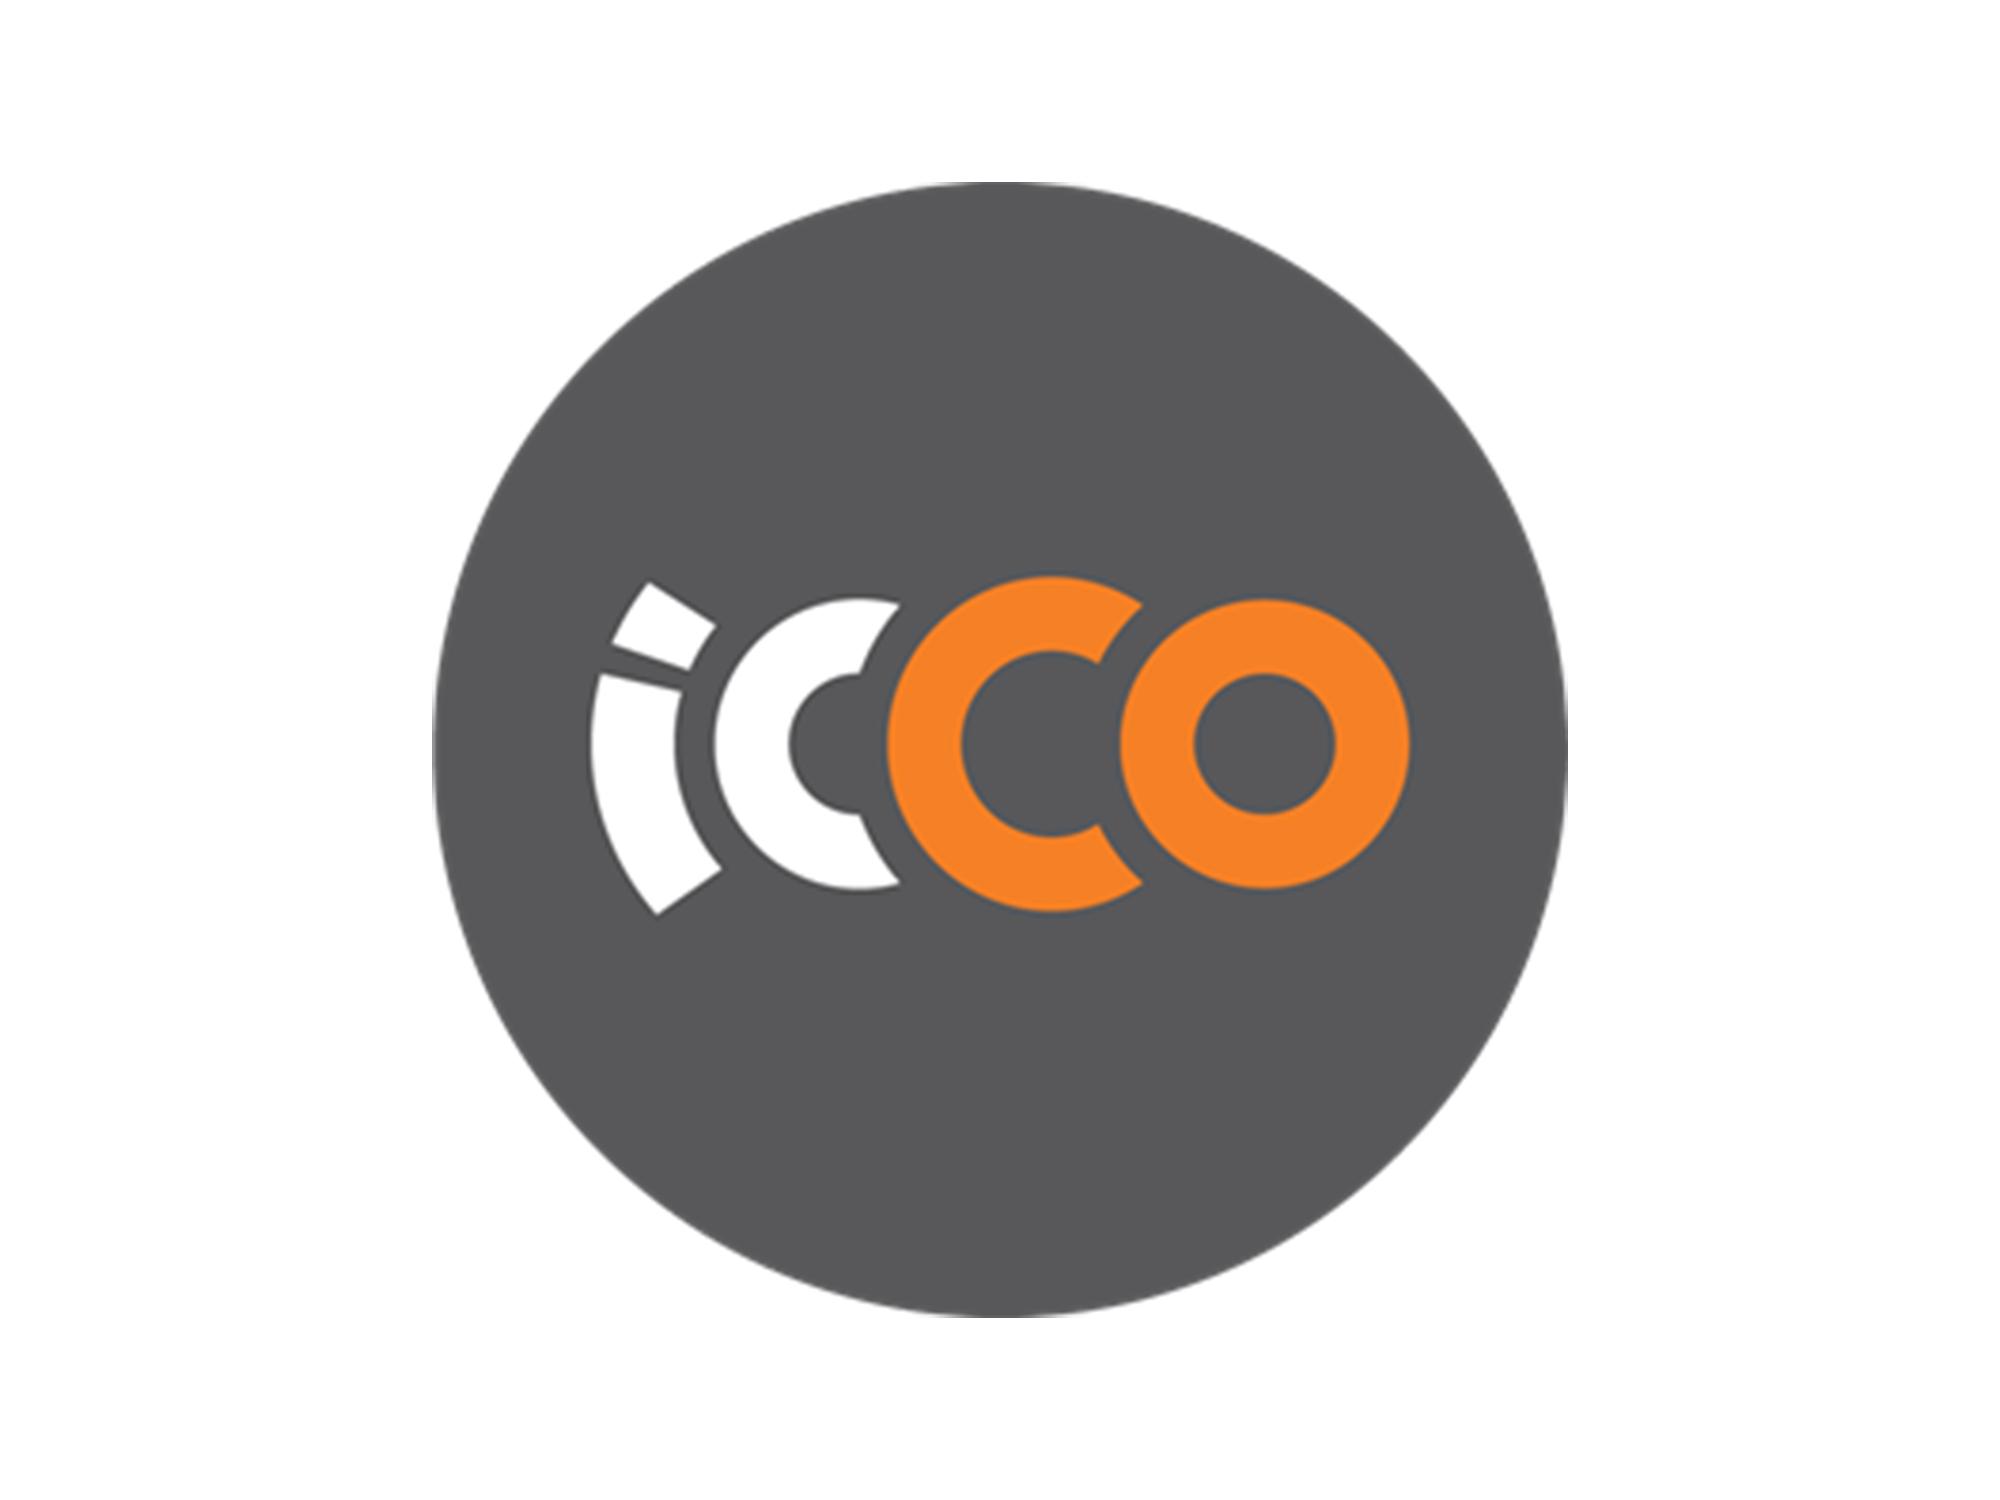 Logo ICCO - Financiadores - Findepro